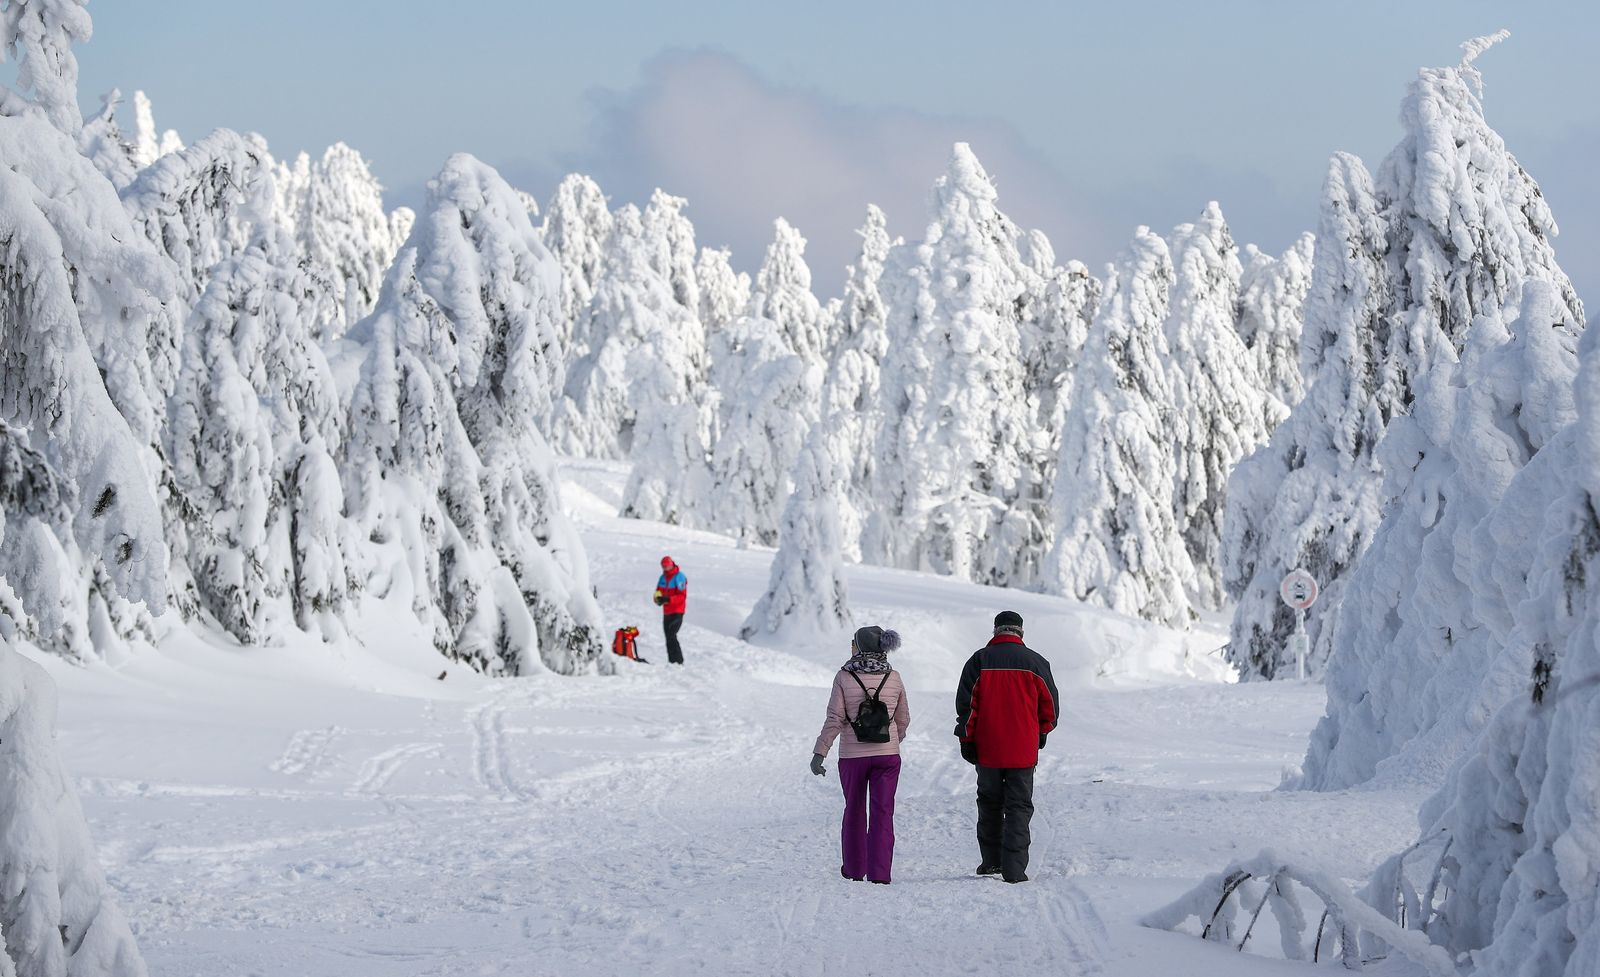 Winterwetter im Erzgebirge